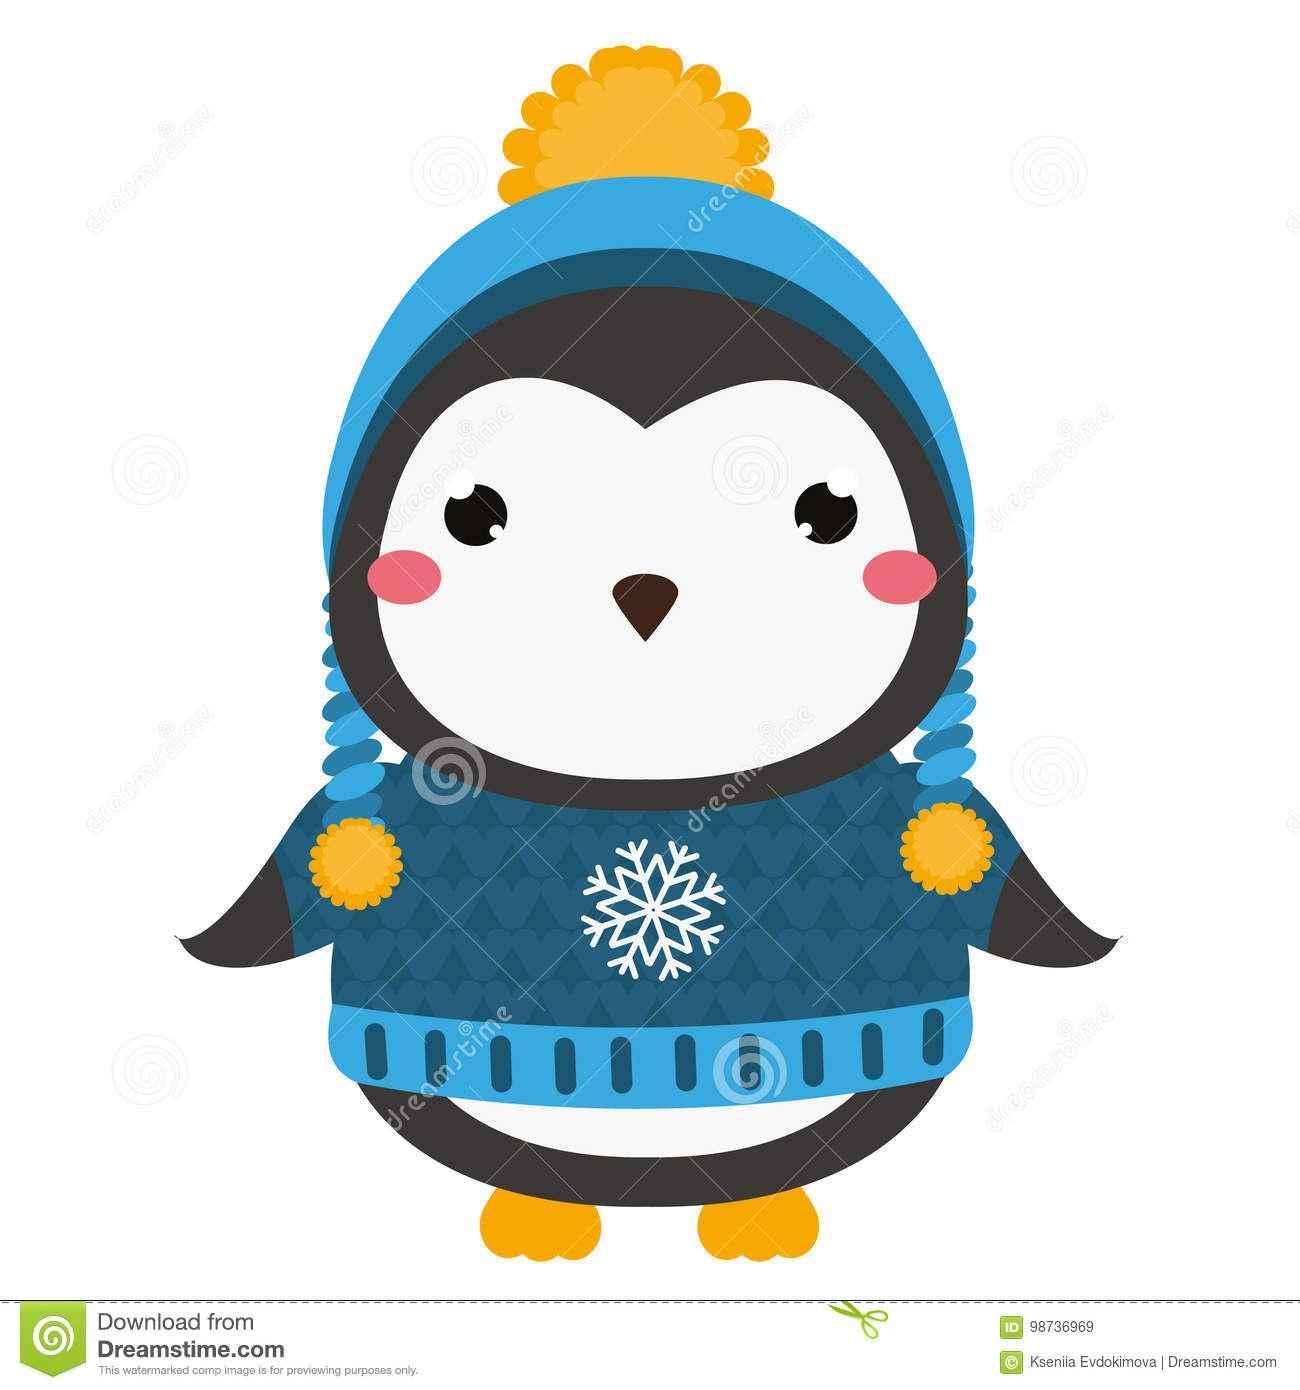 Милый пингвин картинка для детей 01